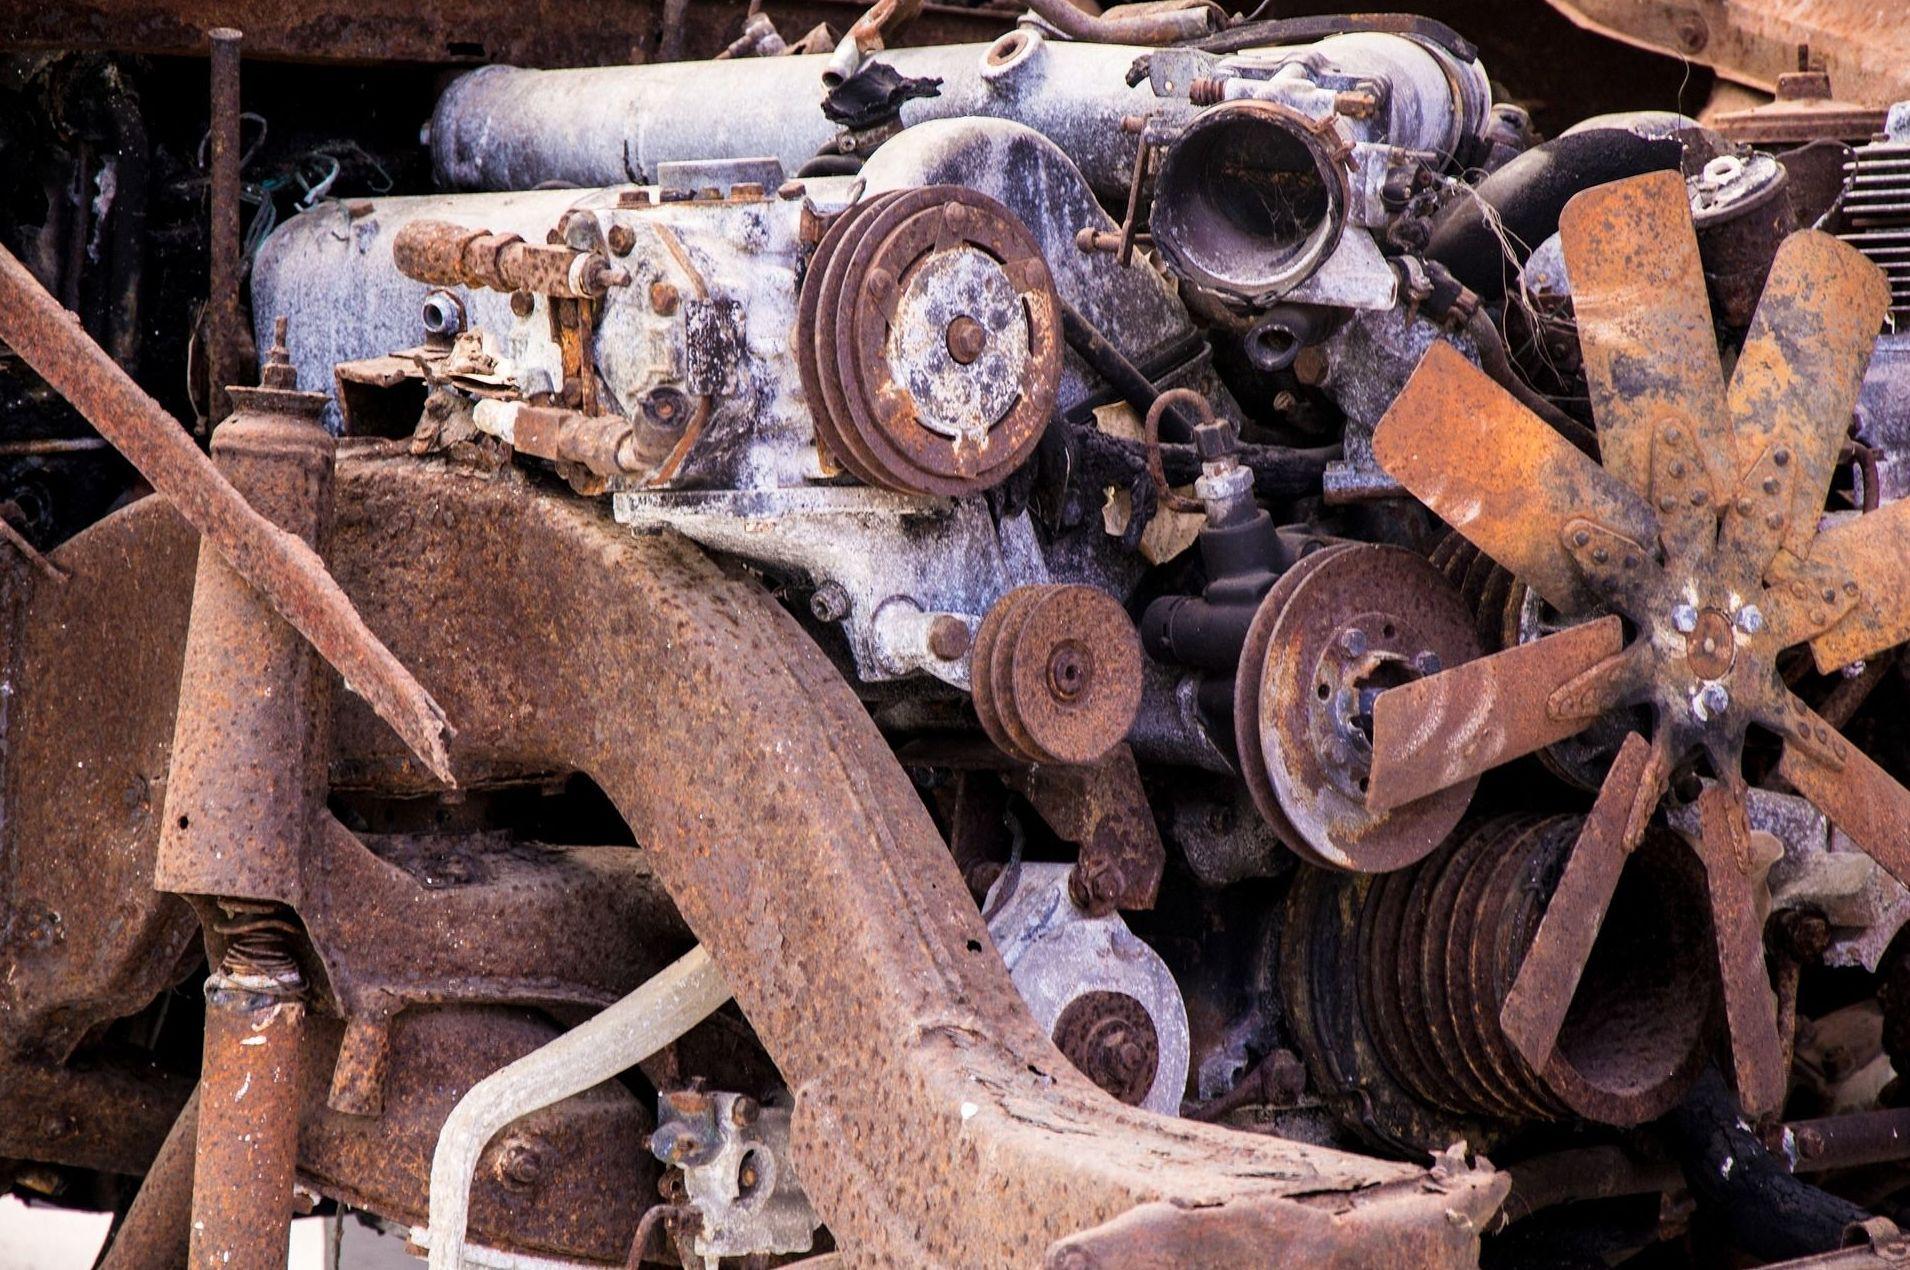 Recuperación de motores